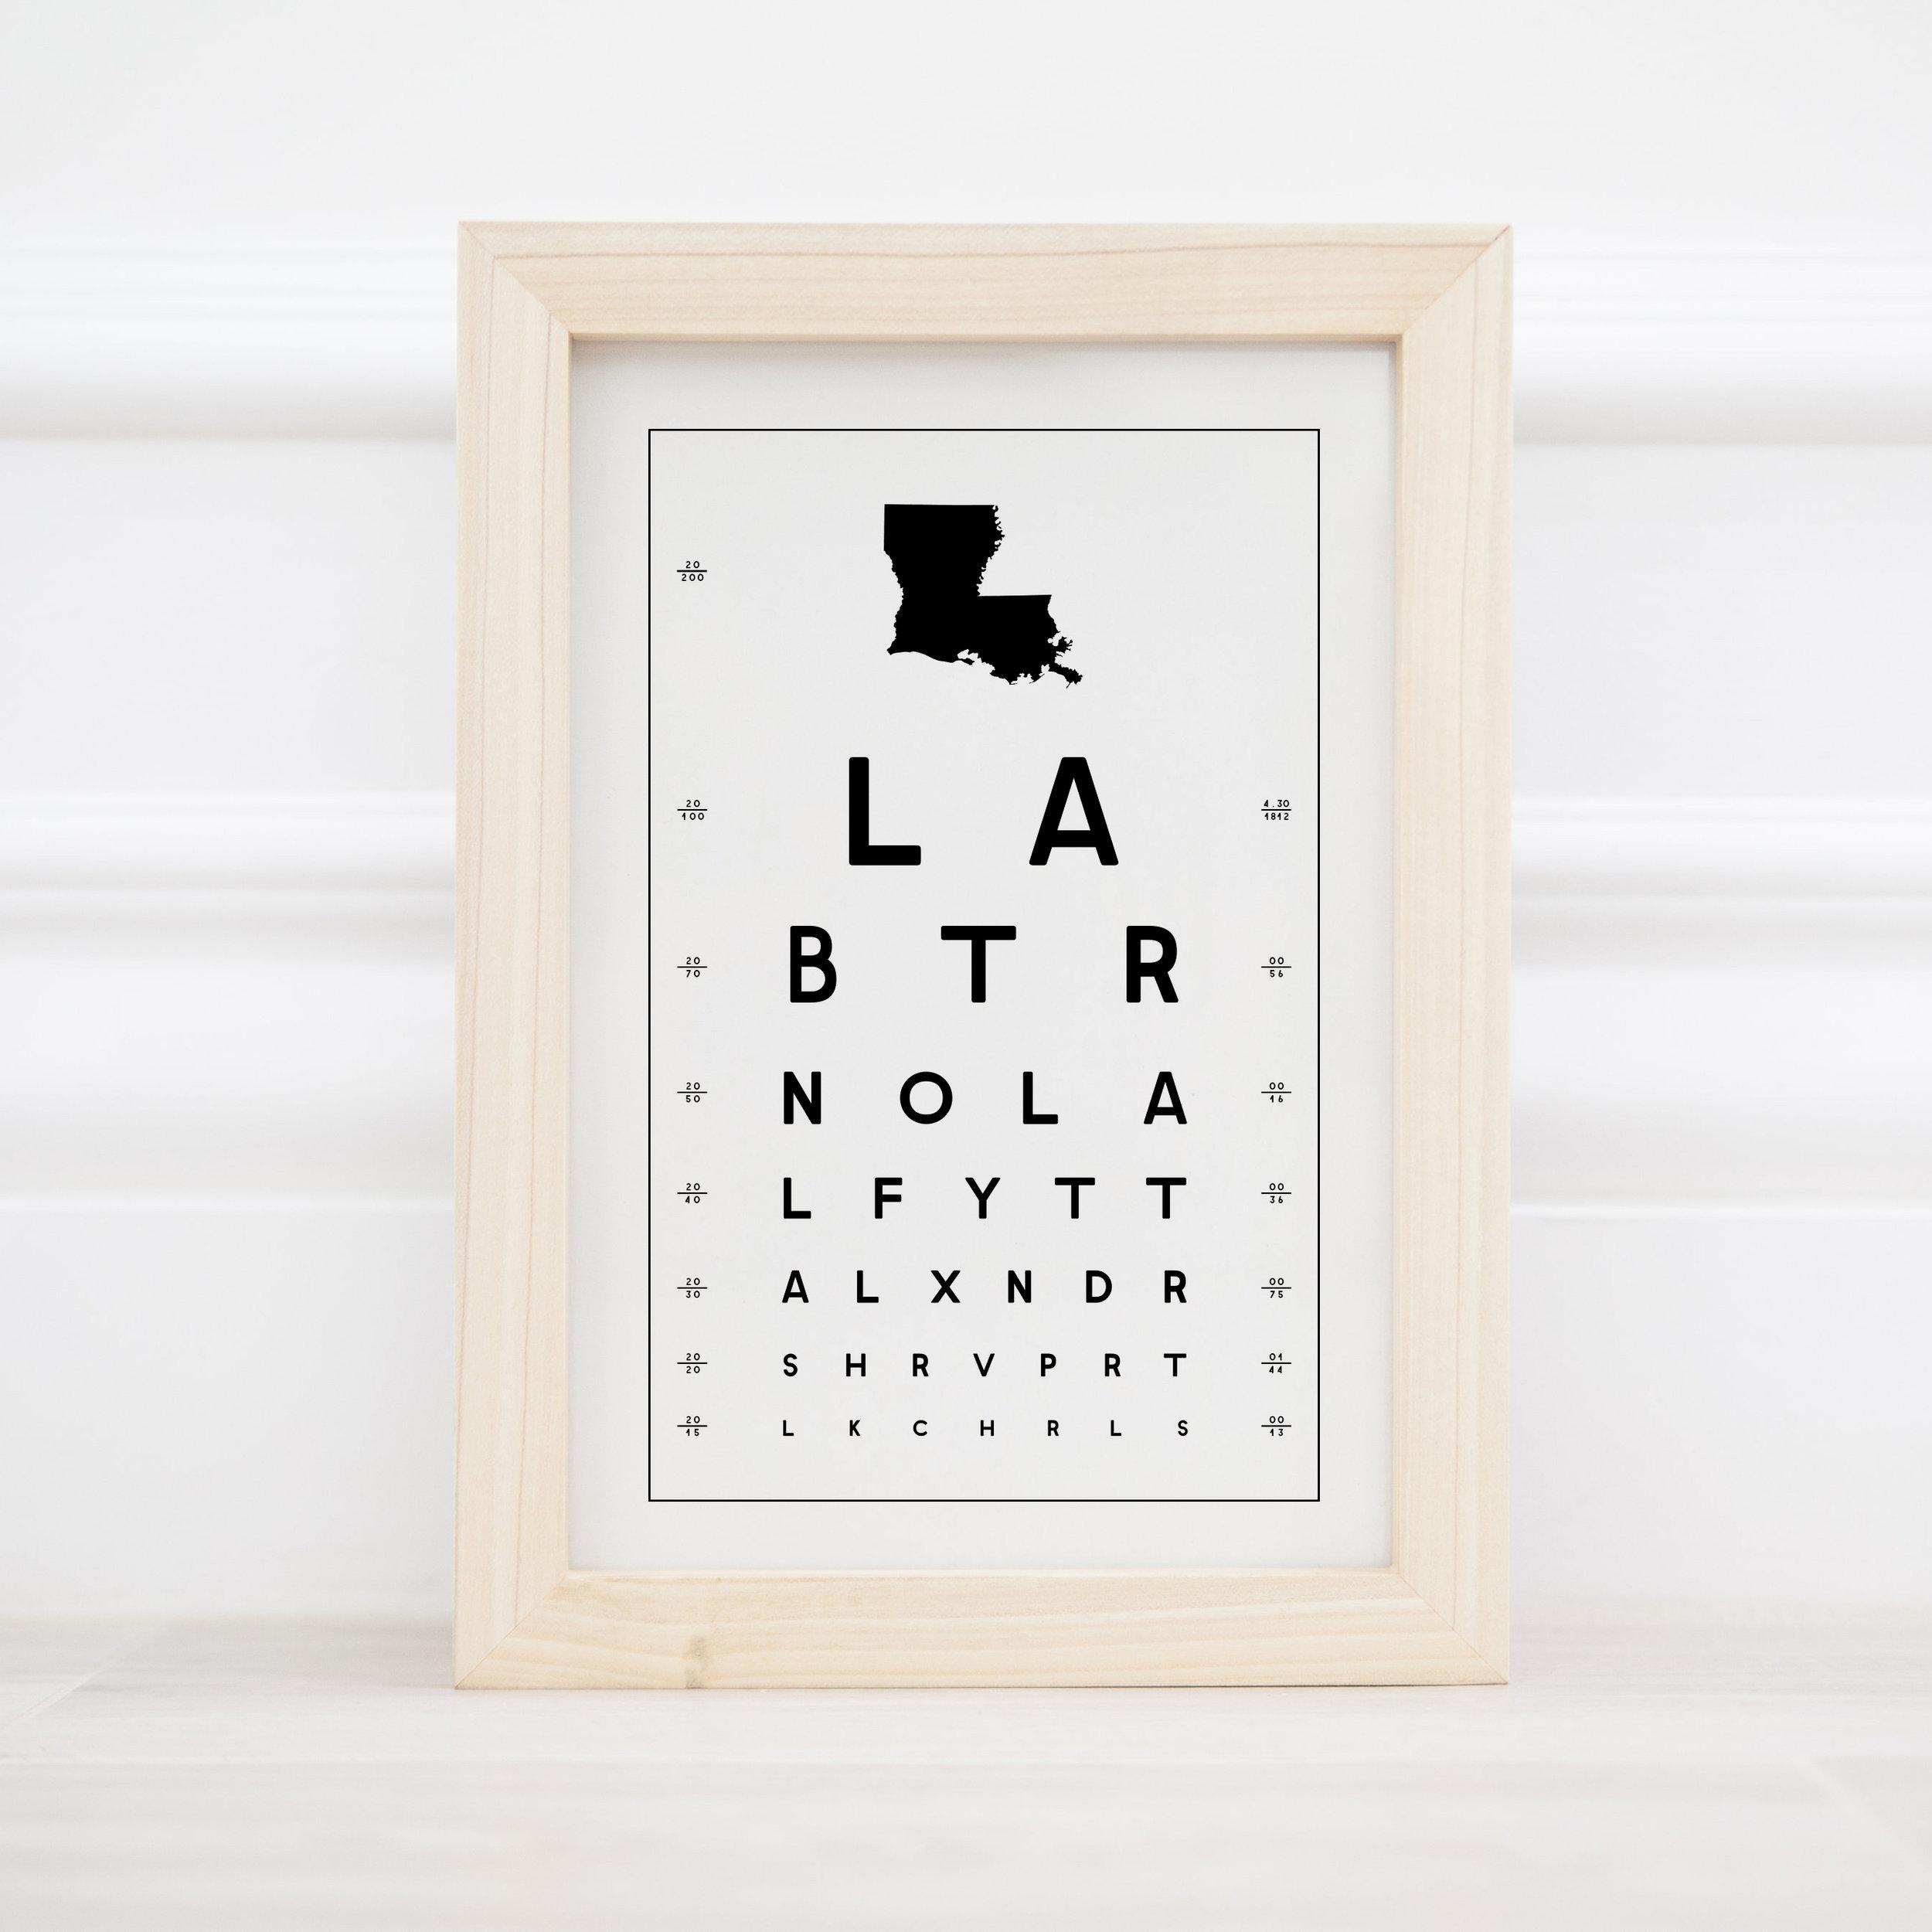 LA Framed1-1.jpg